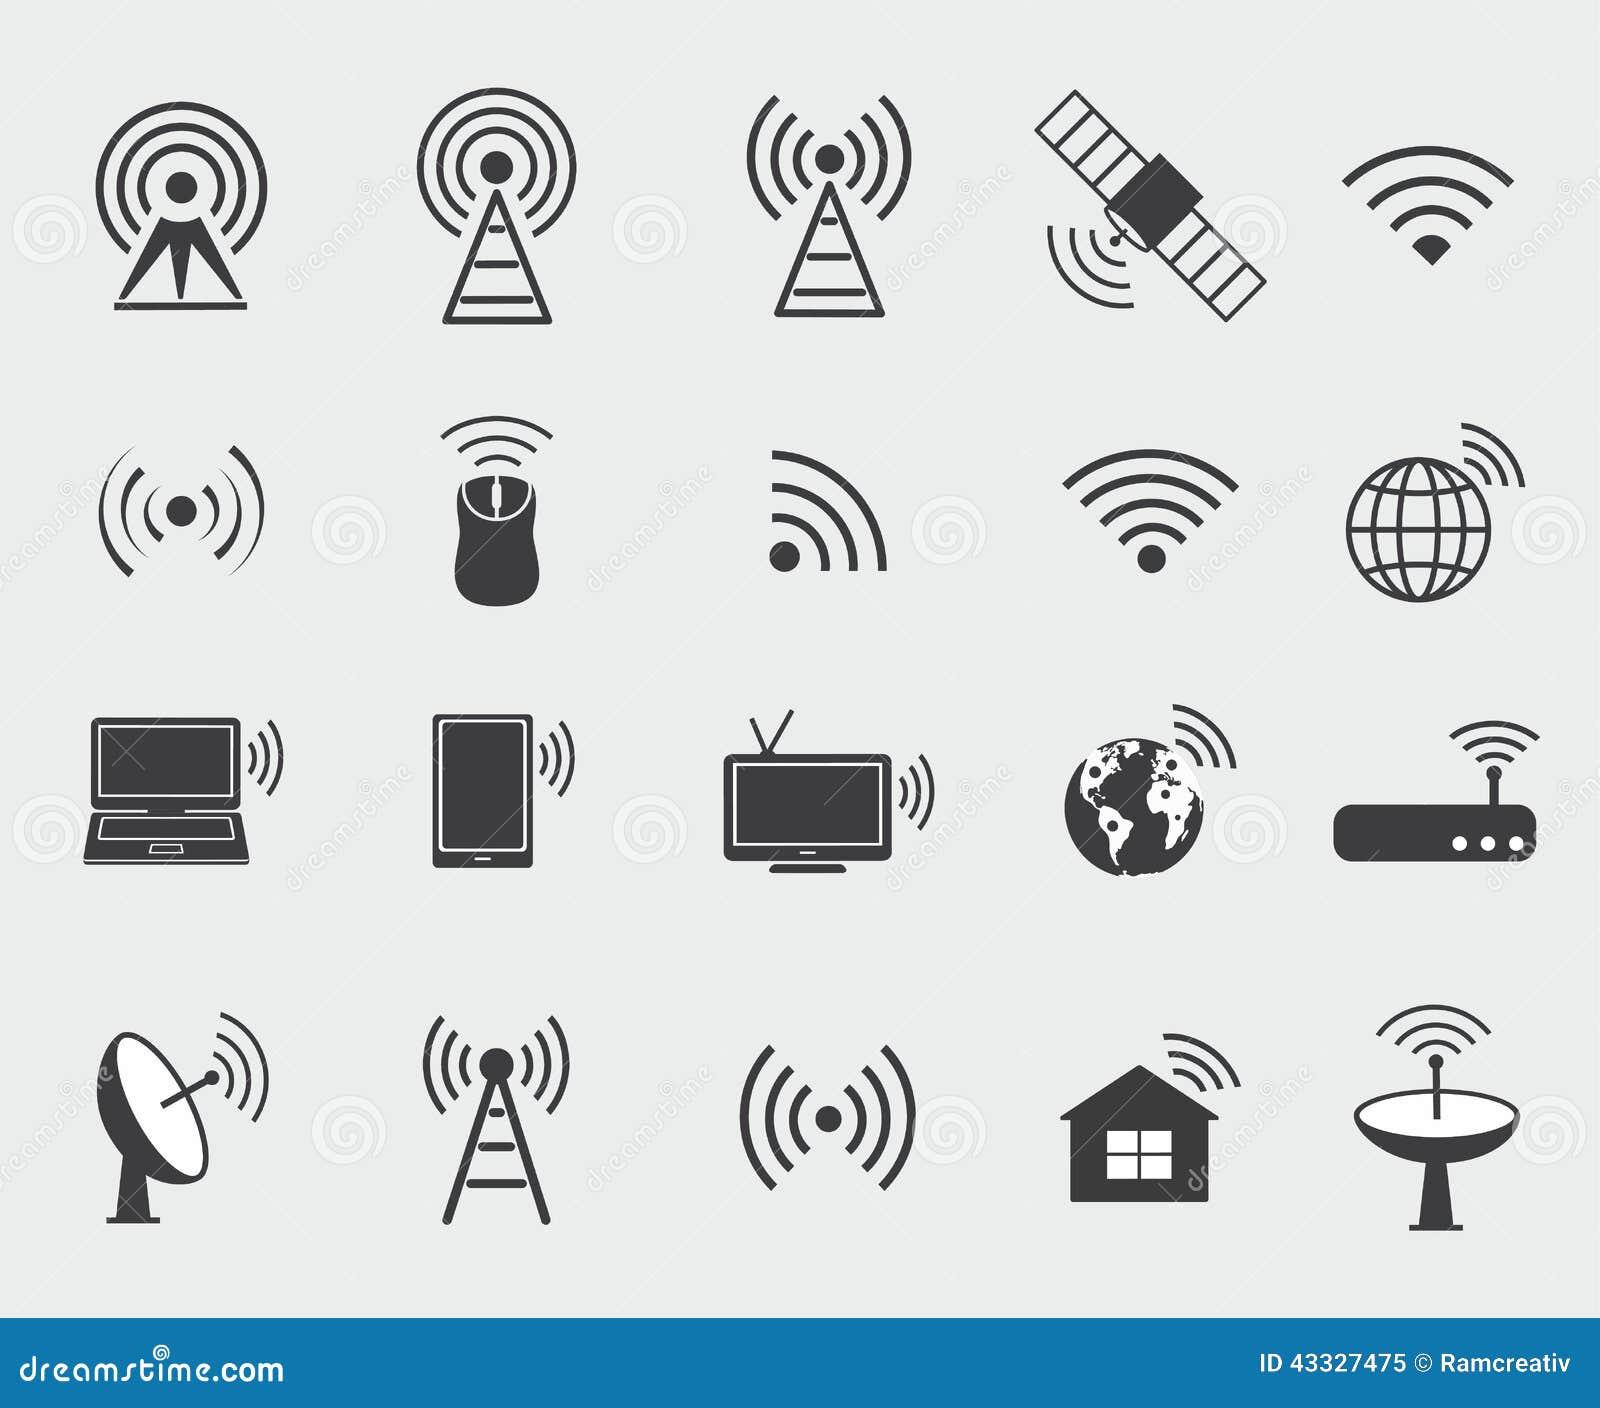 Czarne bezprzewodowe ikony Ustawia ikony dla wifi kontrola akademii królewskich i dostępu